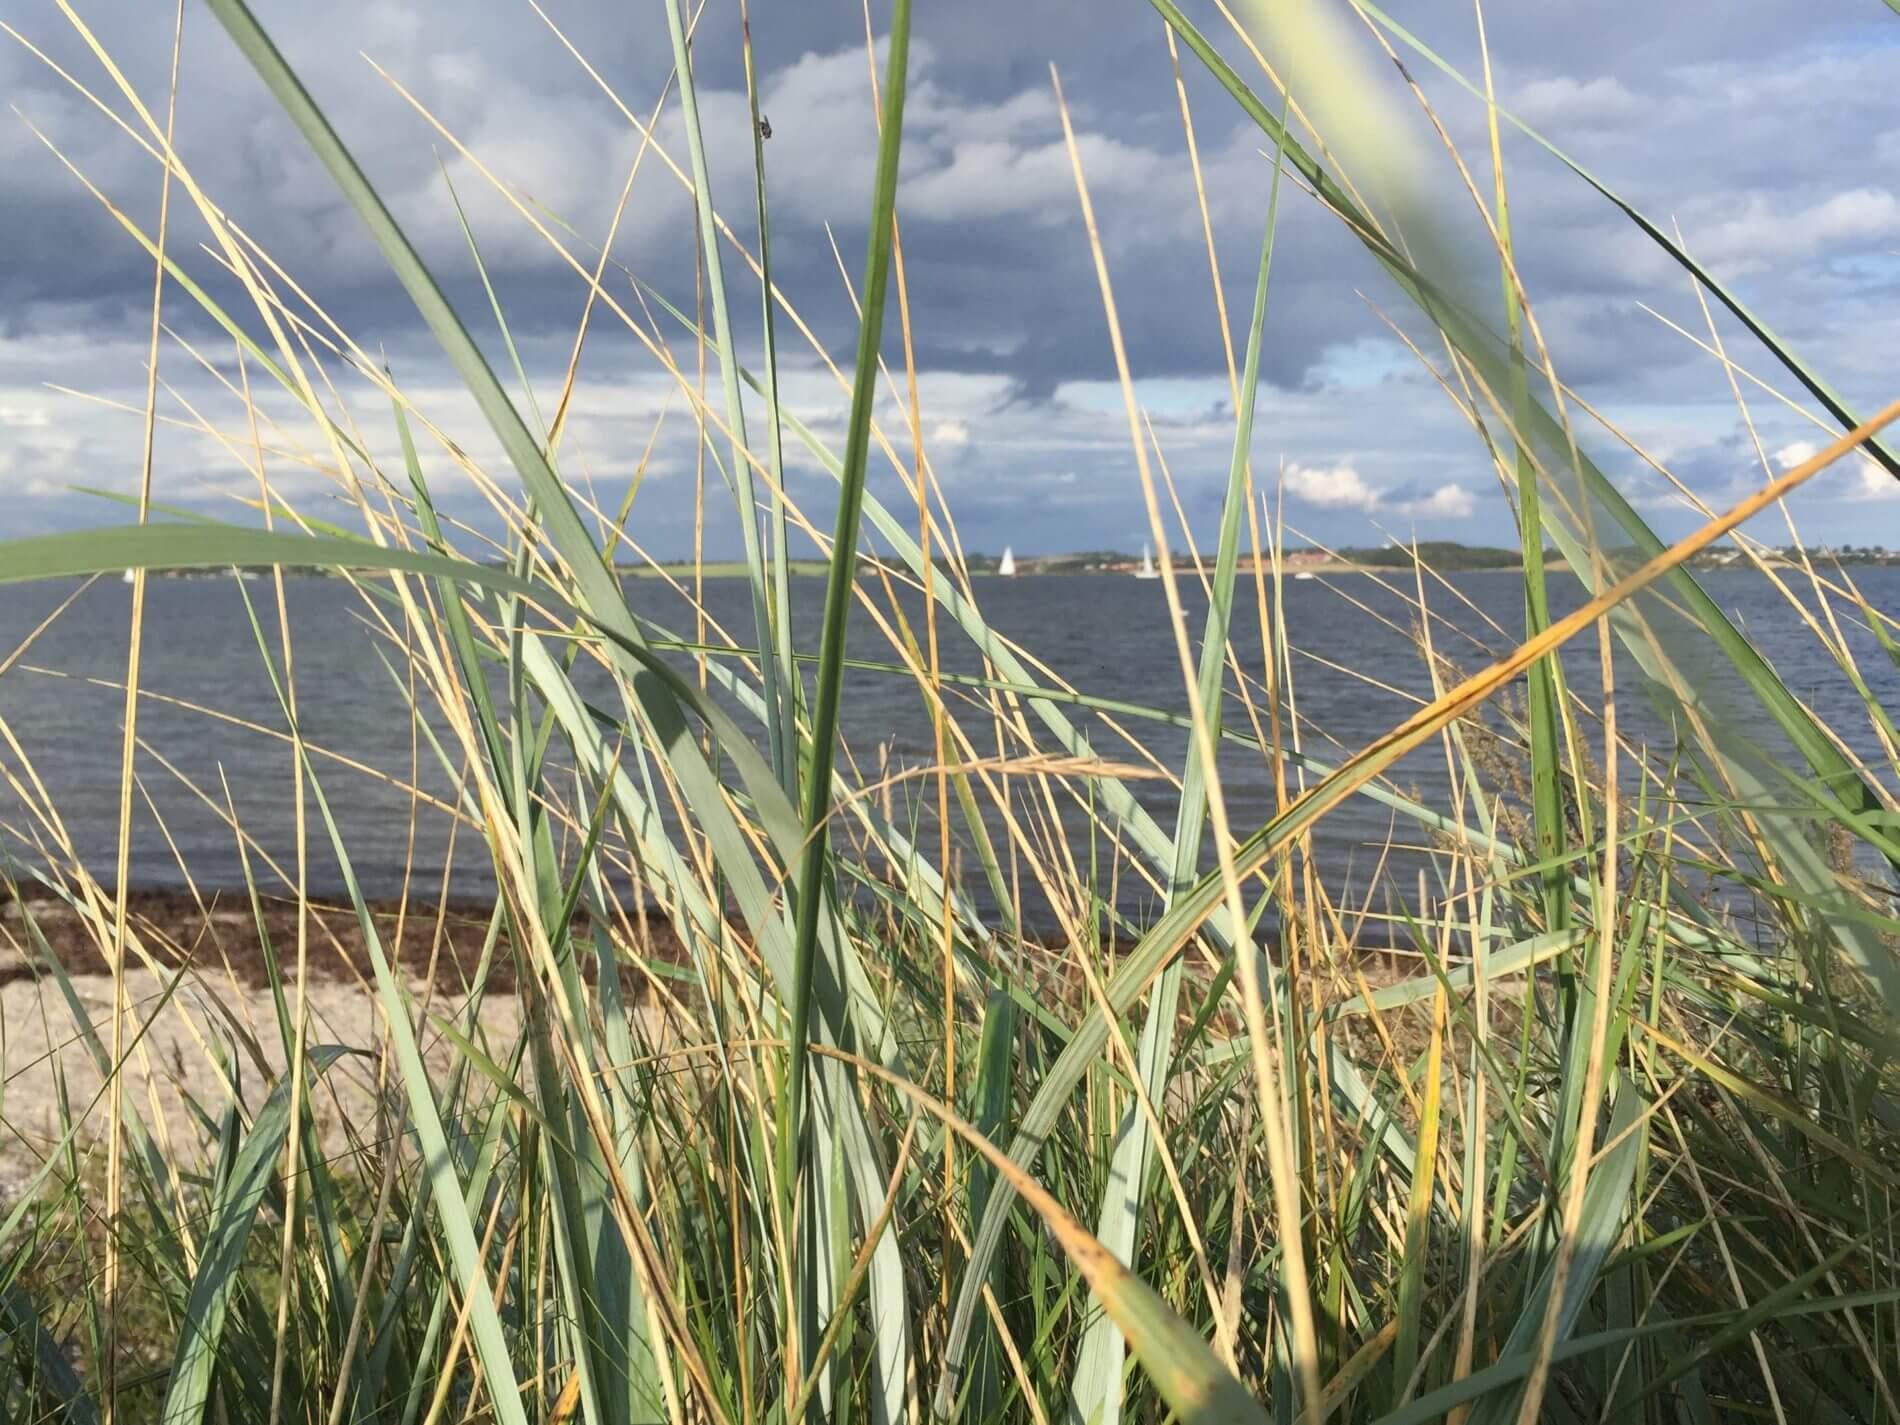 Herbstwanderung Holnis_Wolkenschauspiel Flensburger FördeHerbstwanderung Holnis_Wolkenschauspiel Flensburger Förde